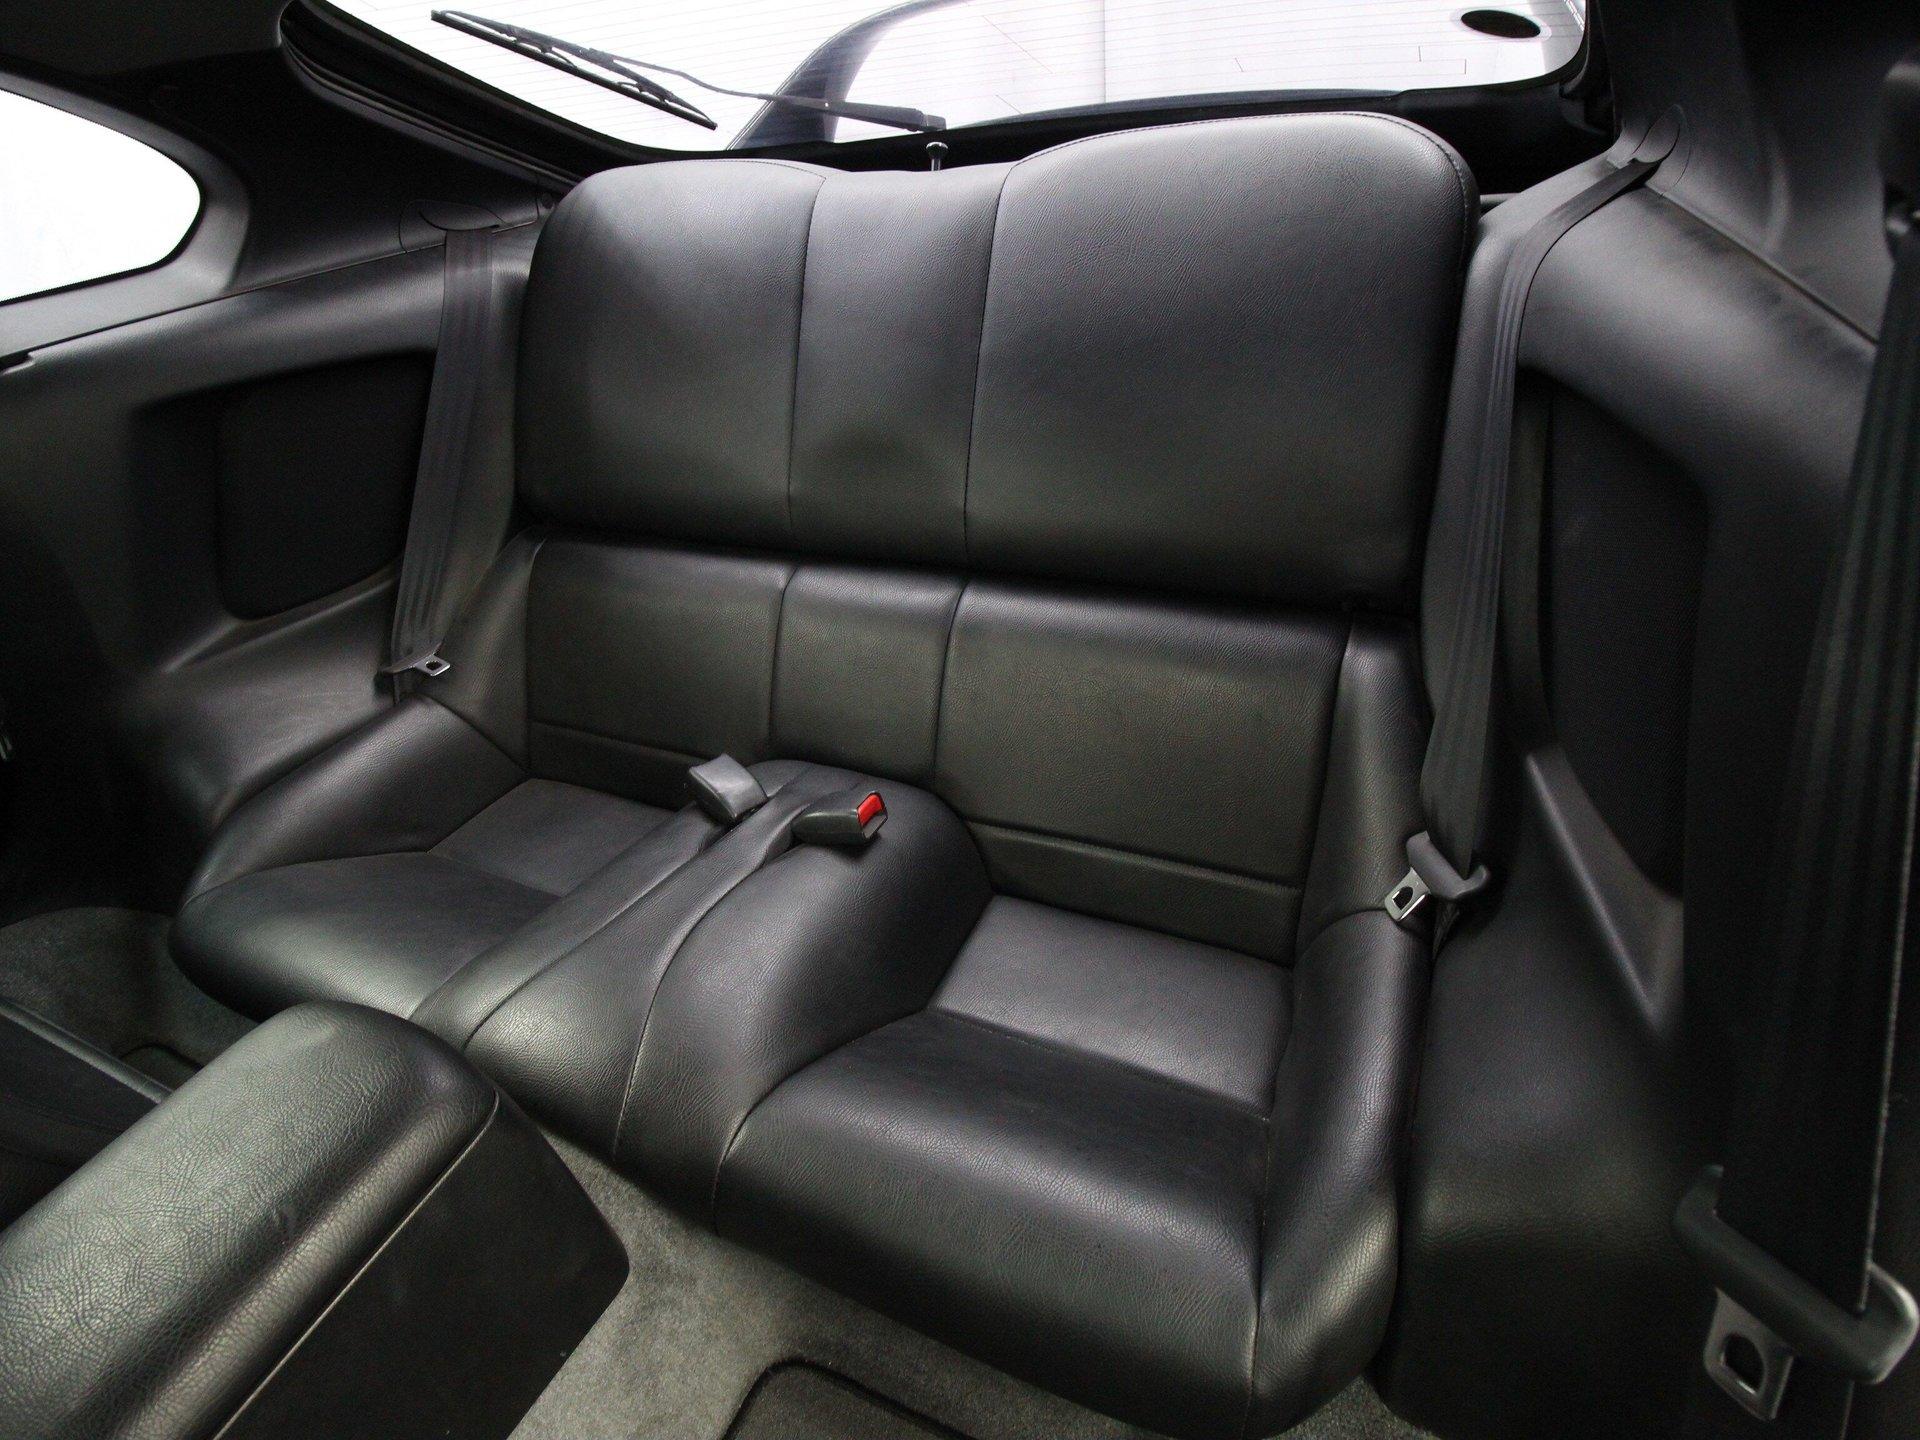 1993 Toyota Supra